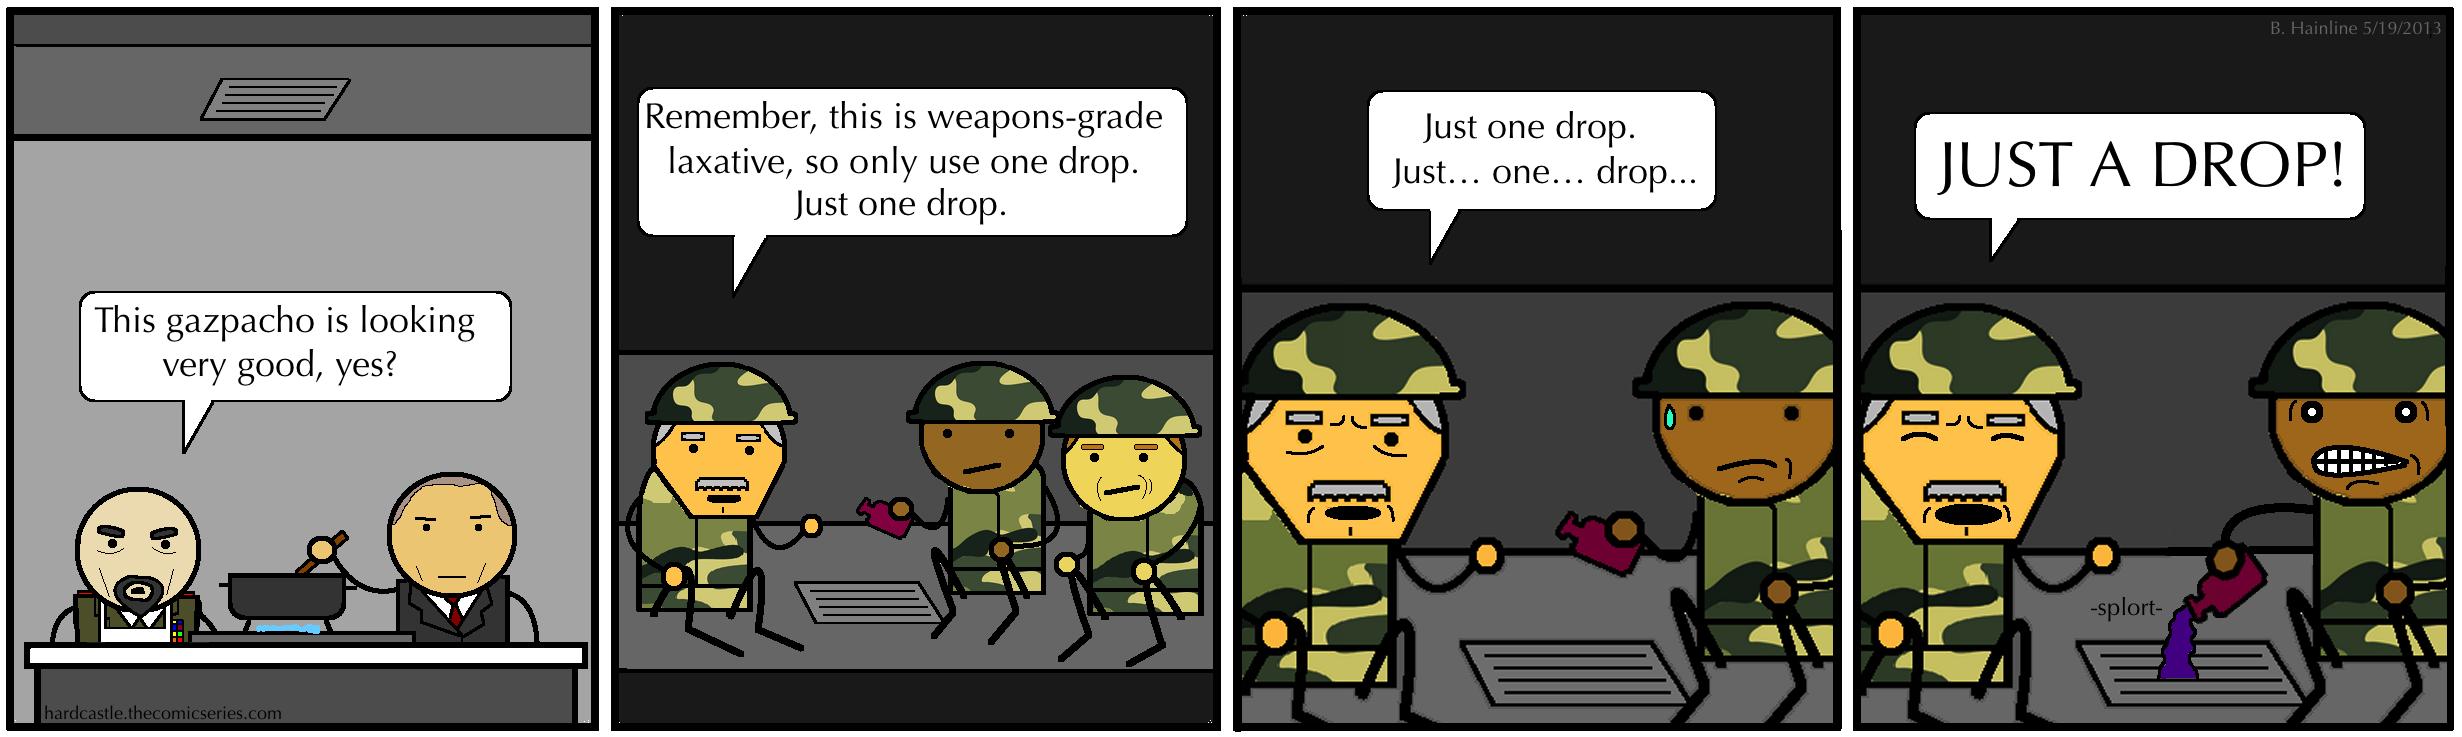 Just a Drop